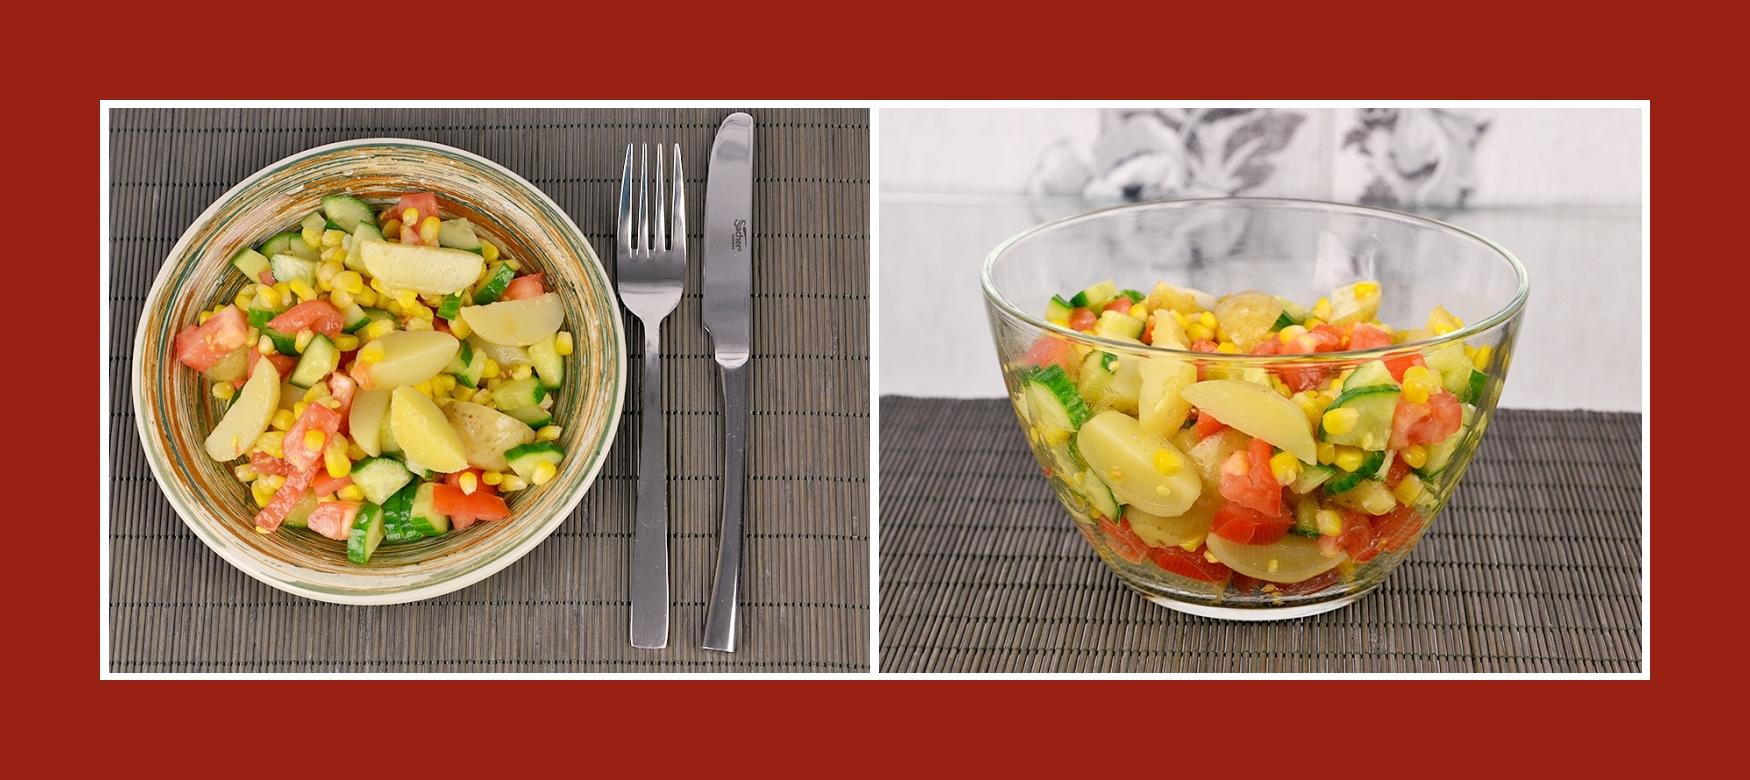 Bunter Sommersalat mit Frühkartoffeln, Gurken, Mais und Tomaten